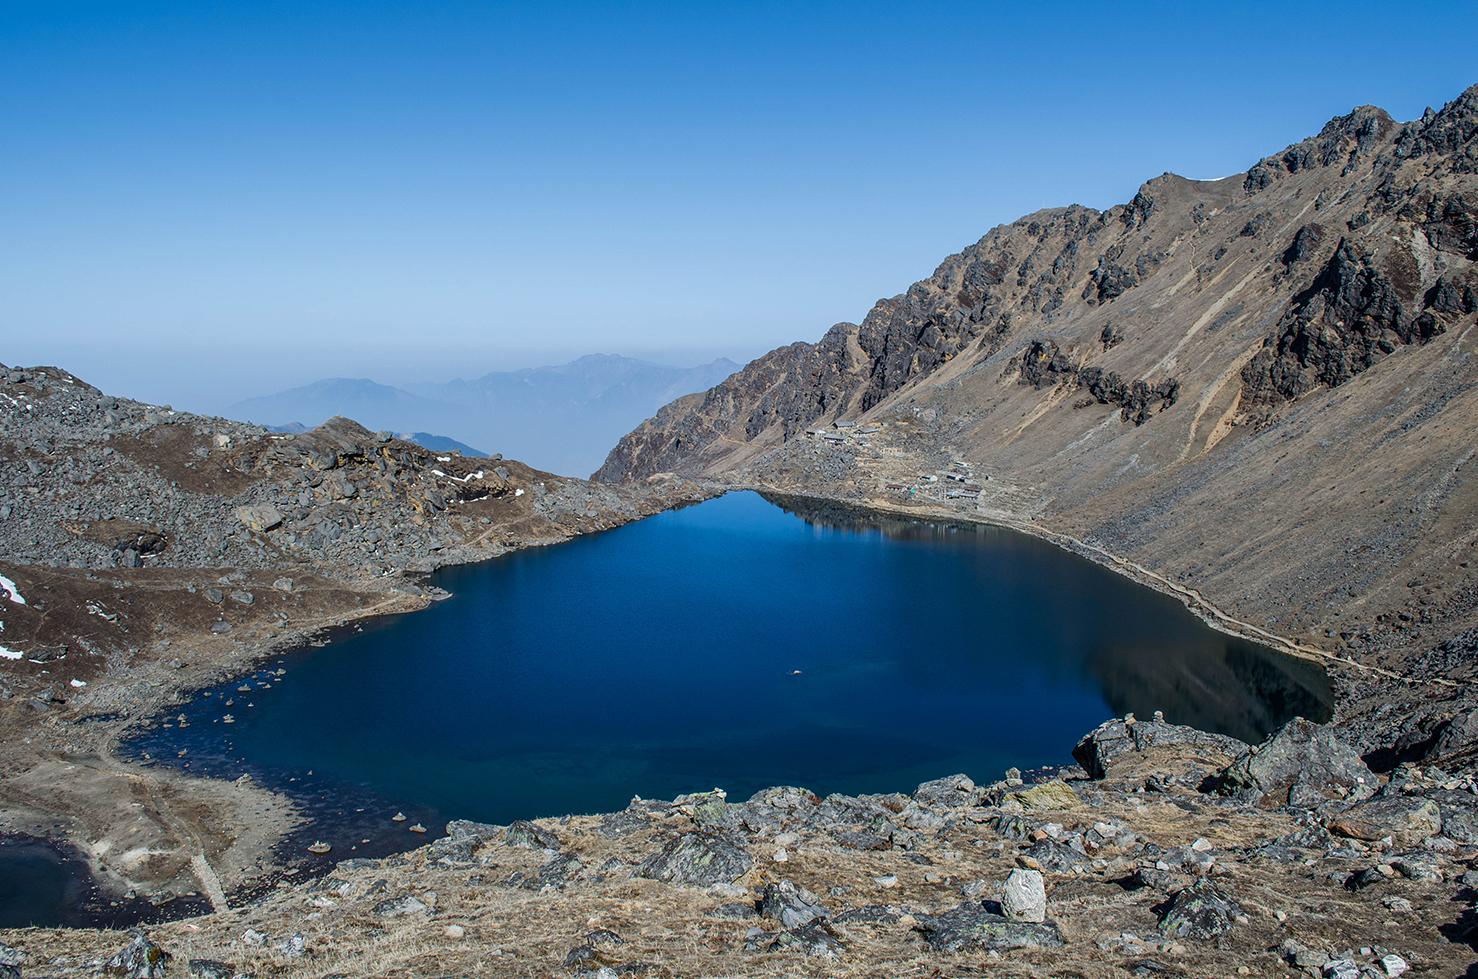 gosaikunda-the-lake-wish-nepal